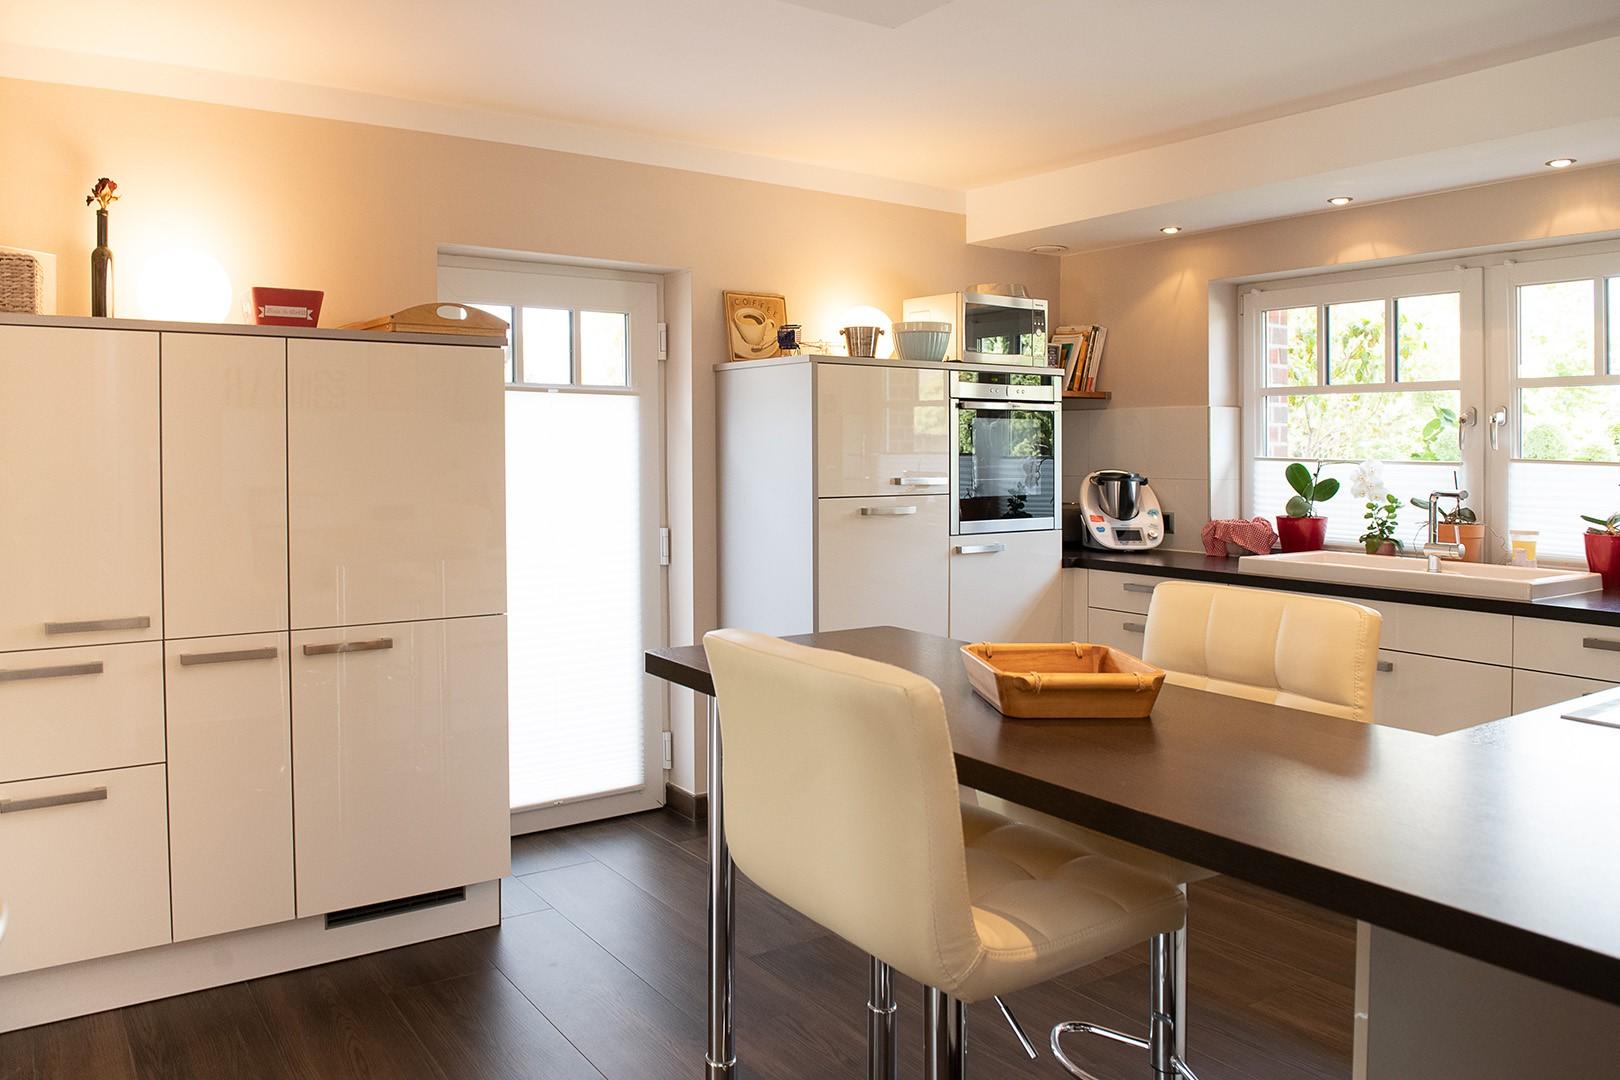 Immobilie Nr.312 - Einfamilienhaus mit Garten & Terrasse & Garage & Carport - Bild 10.jpg